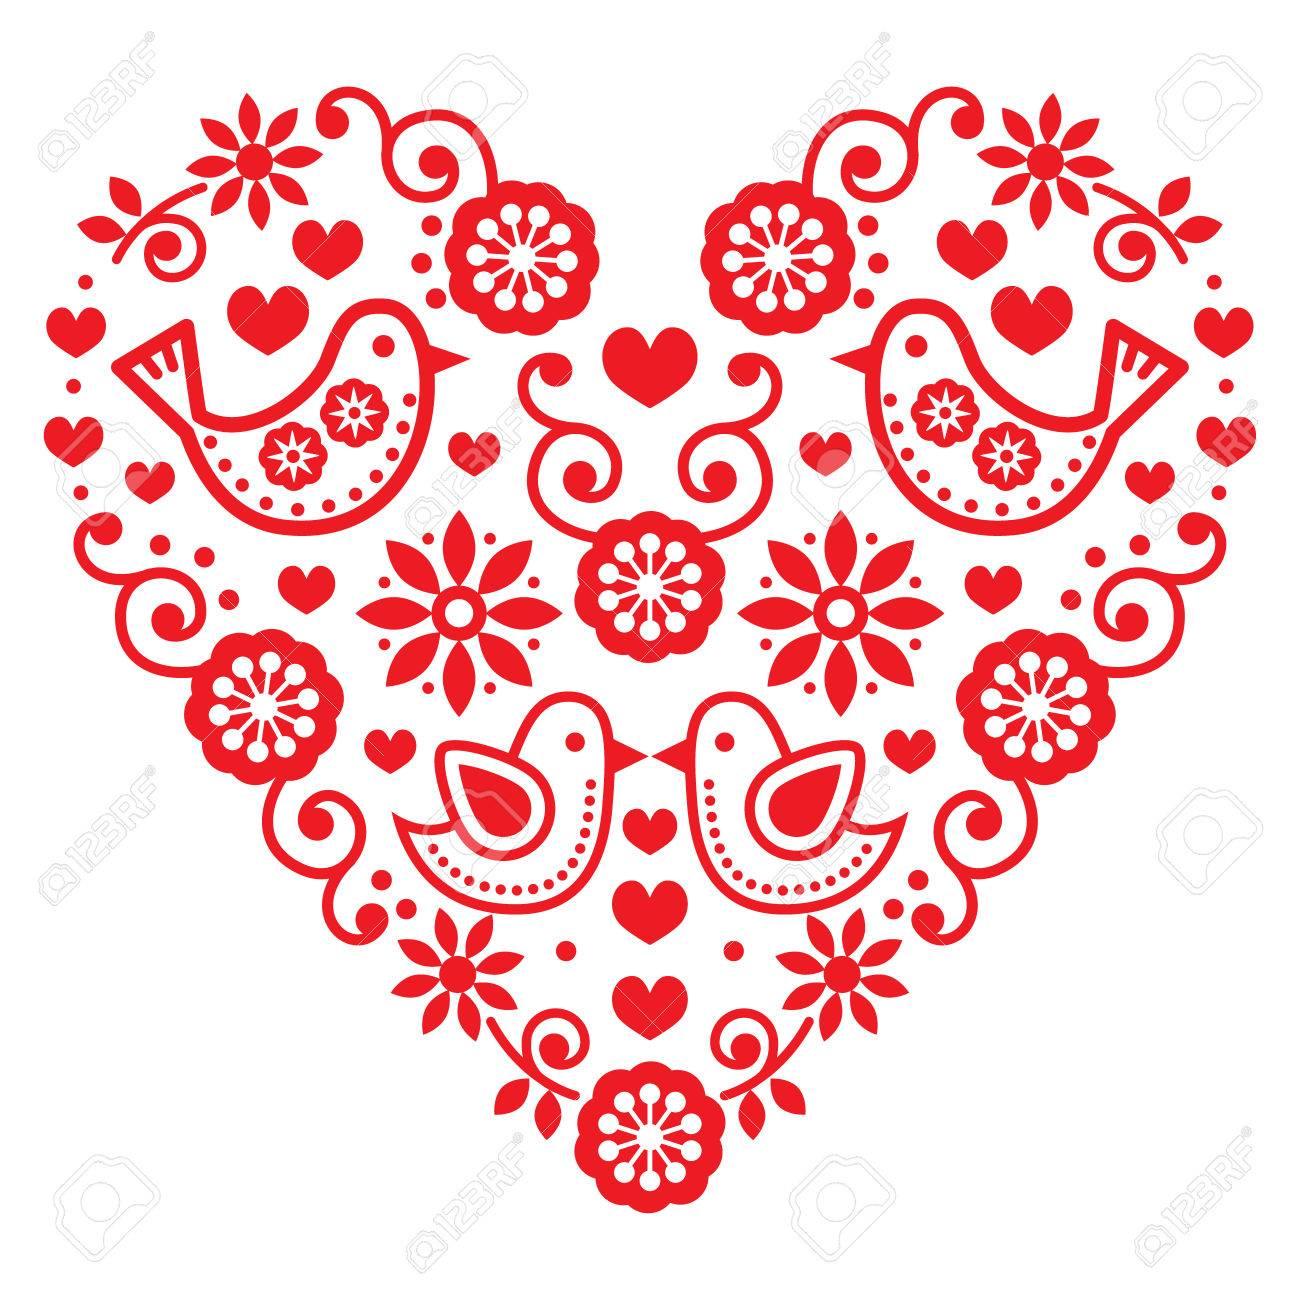 Volkskunst Valentinstag Herz Liebe Hochzeit Geburtstag Grusskarte